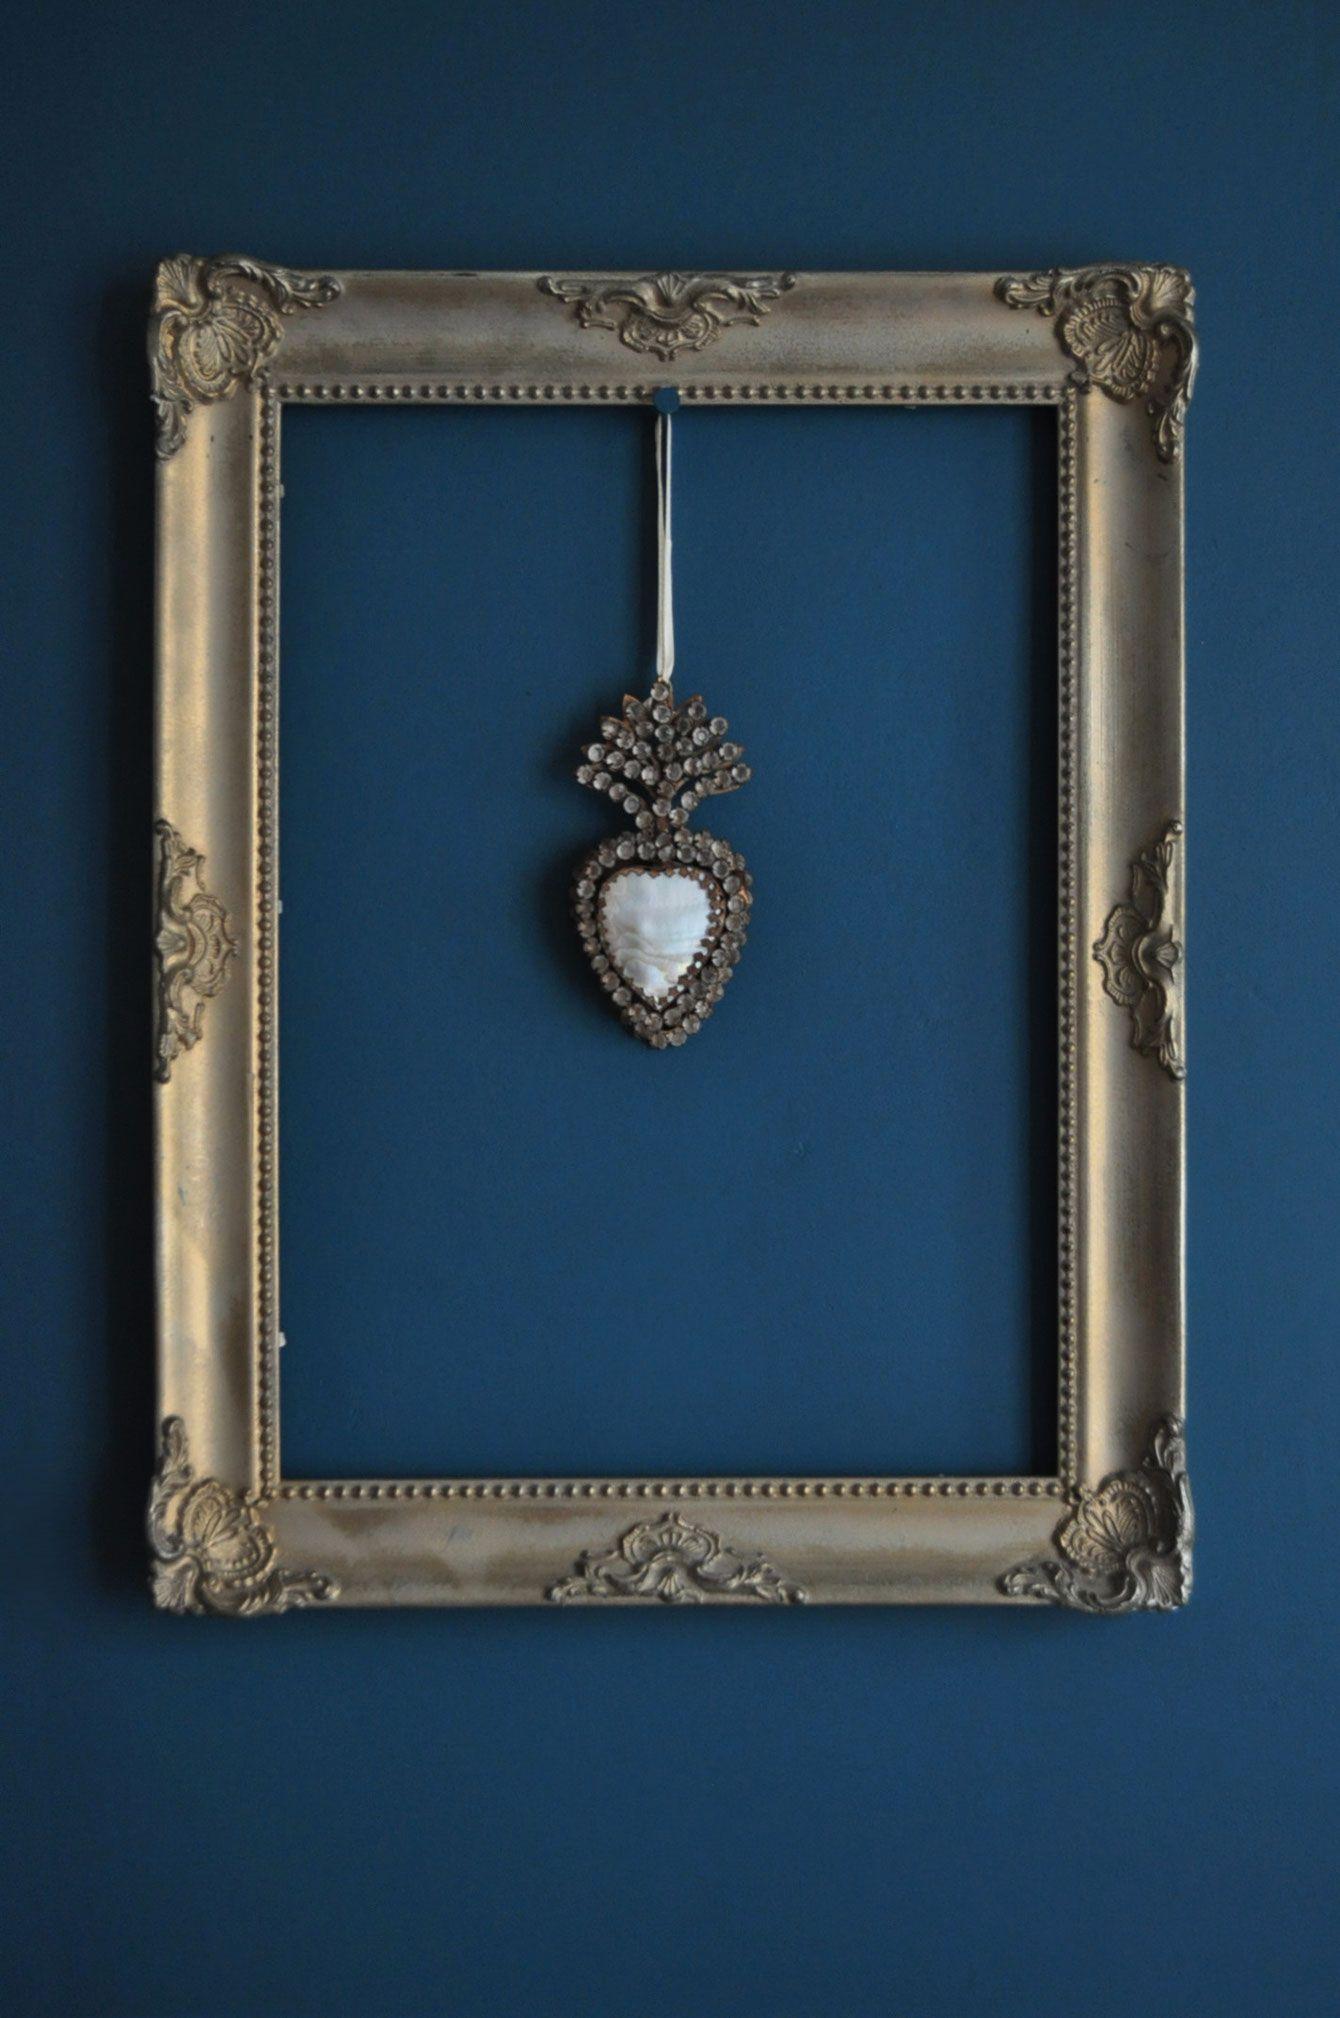 id e d co cadre moulur dor leroy merlin coeur ex voto mur bleu p trole murs de photos. Black Bedroom Furniture Sets. Home Design Ideas